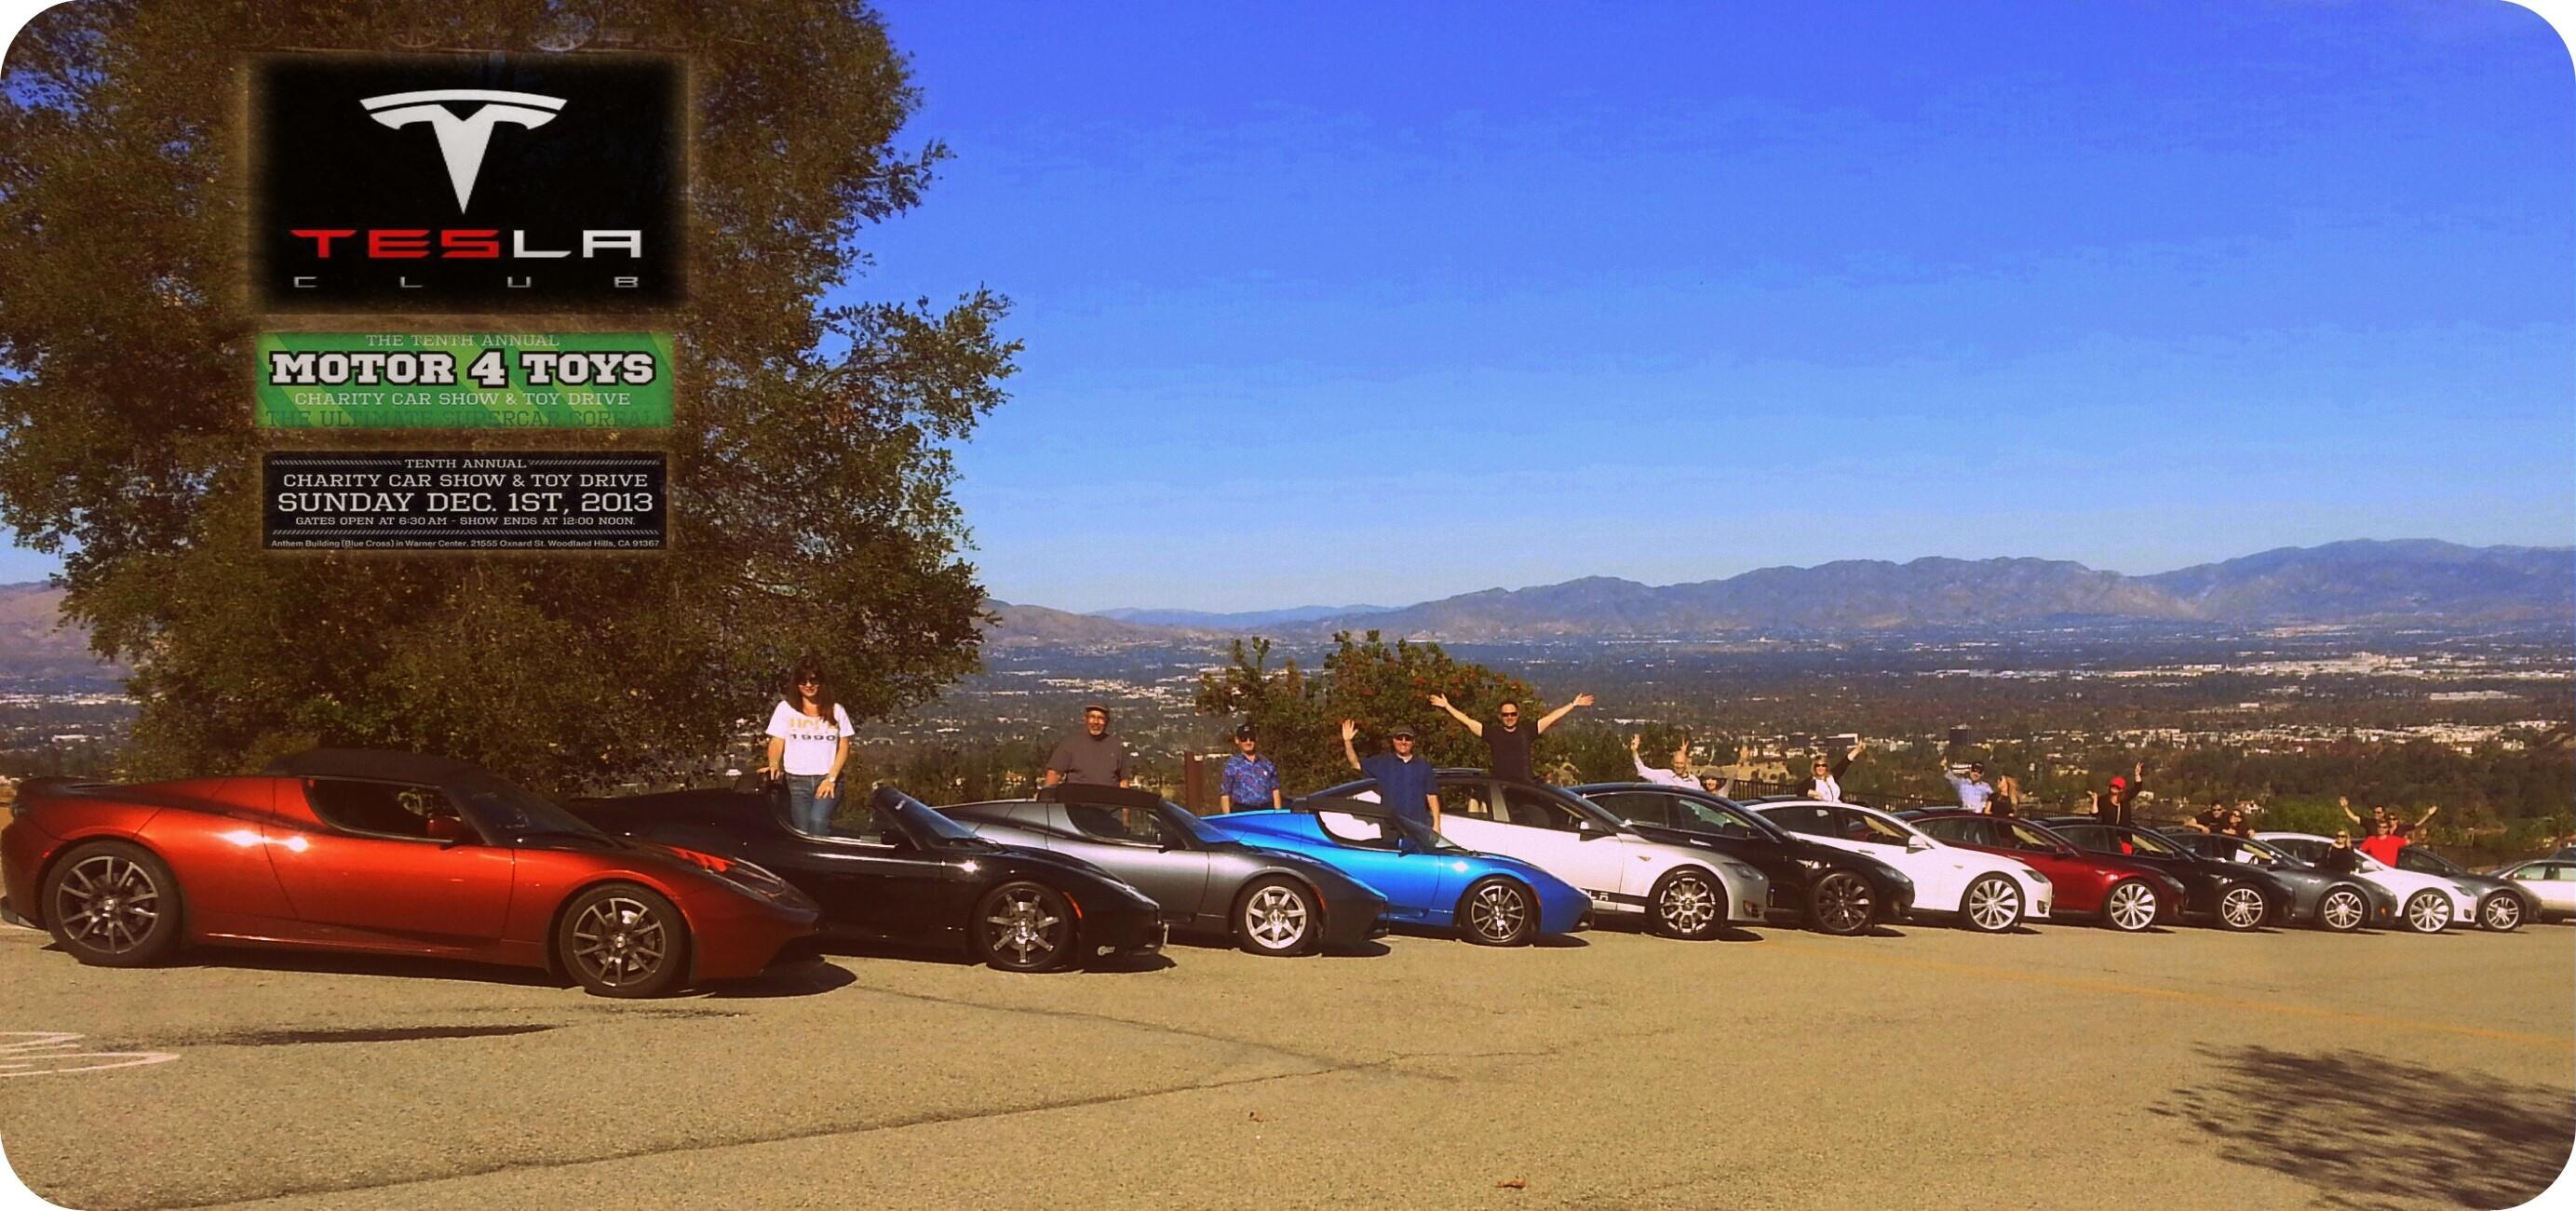 20131201-Motor4Toys-Tesla View.jpg